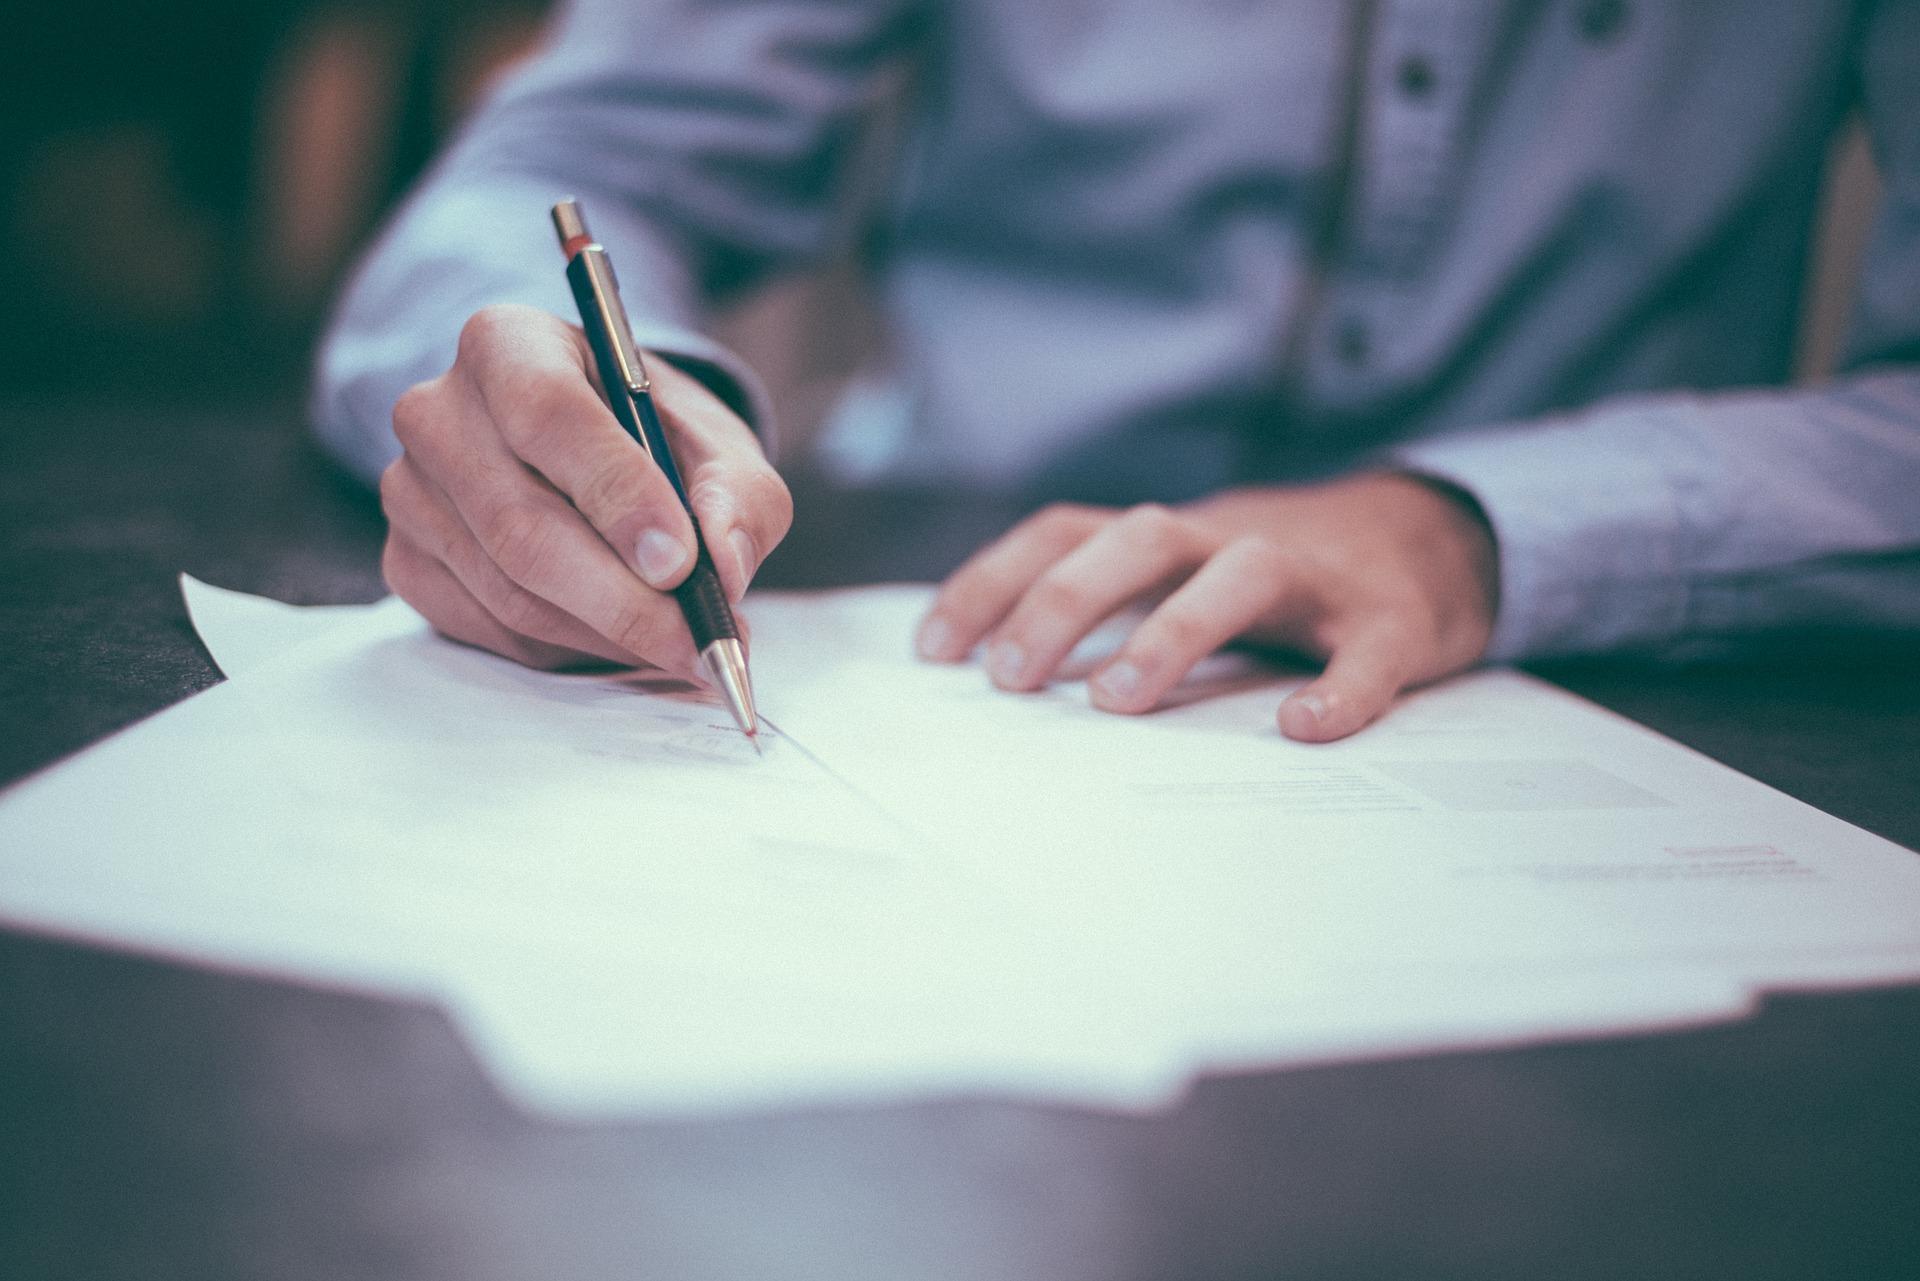 Distribuzione cooperativa: raggiunto l'accordo per il rinnovo del contratto. Interessati gli oltre 65.000 dipendenti delle cooperative di consumatori